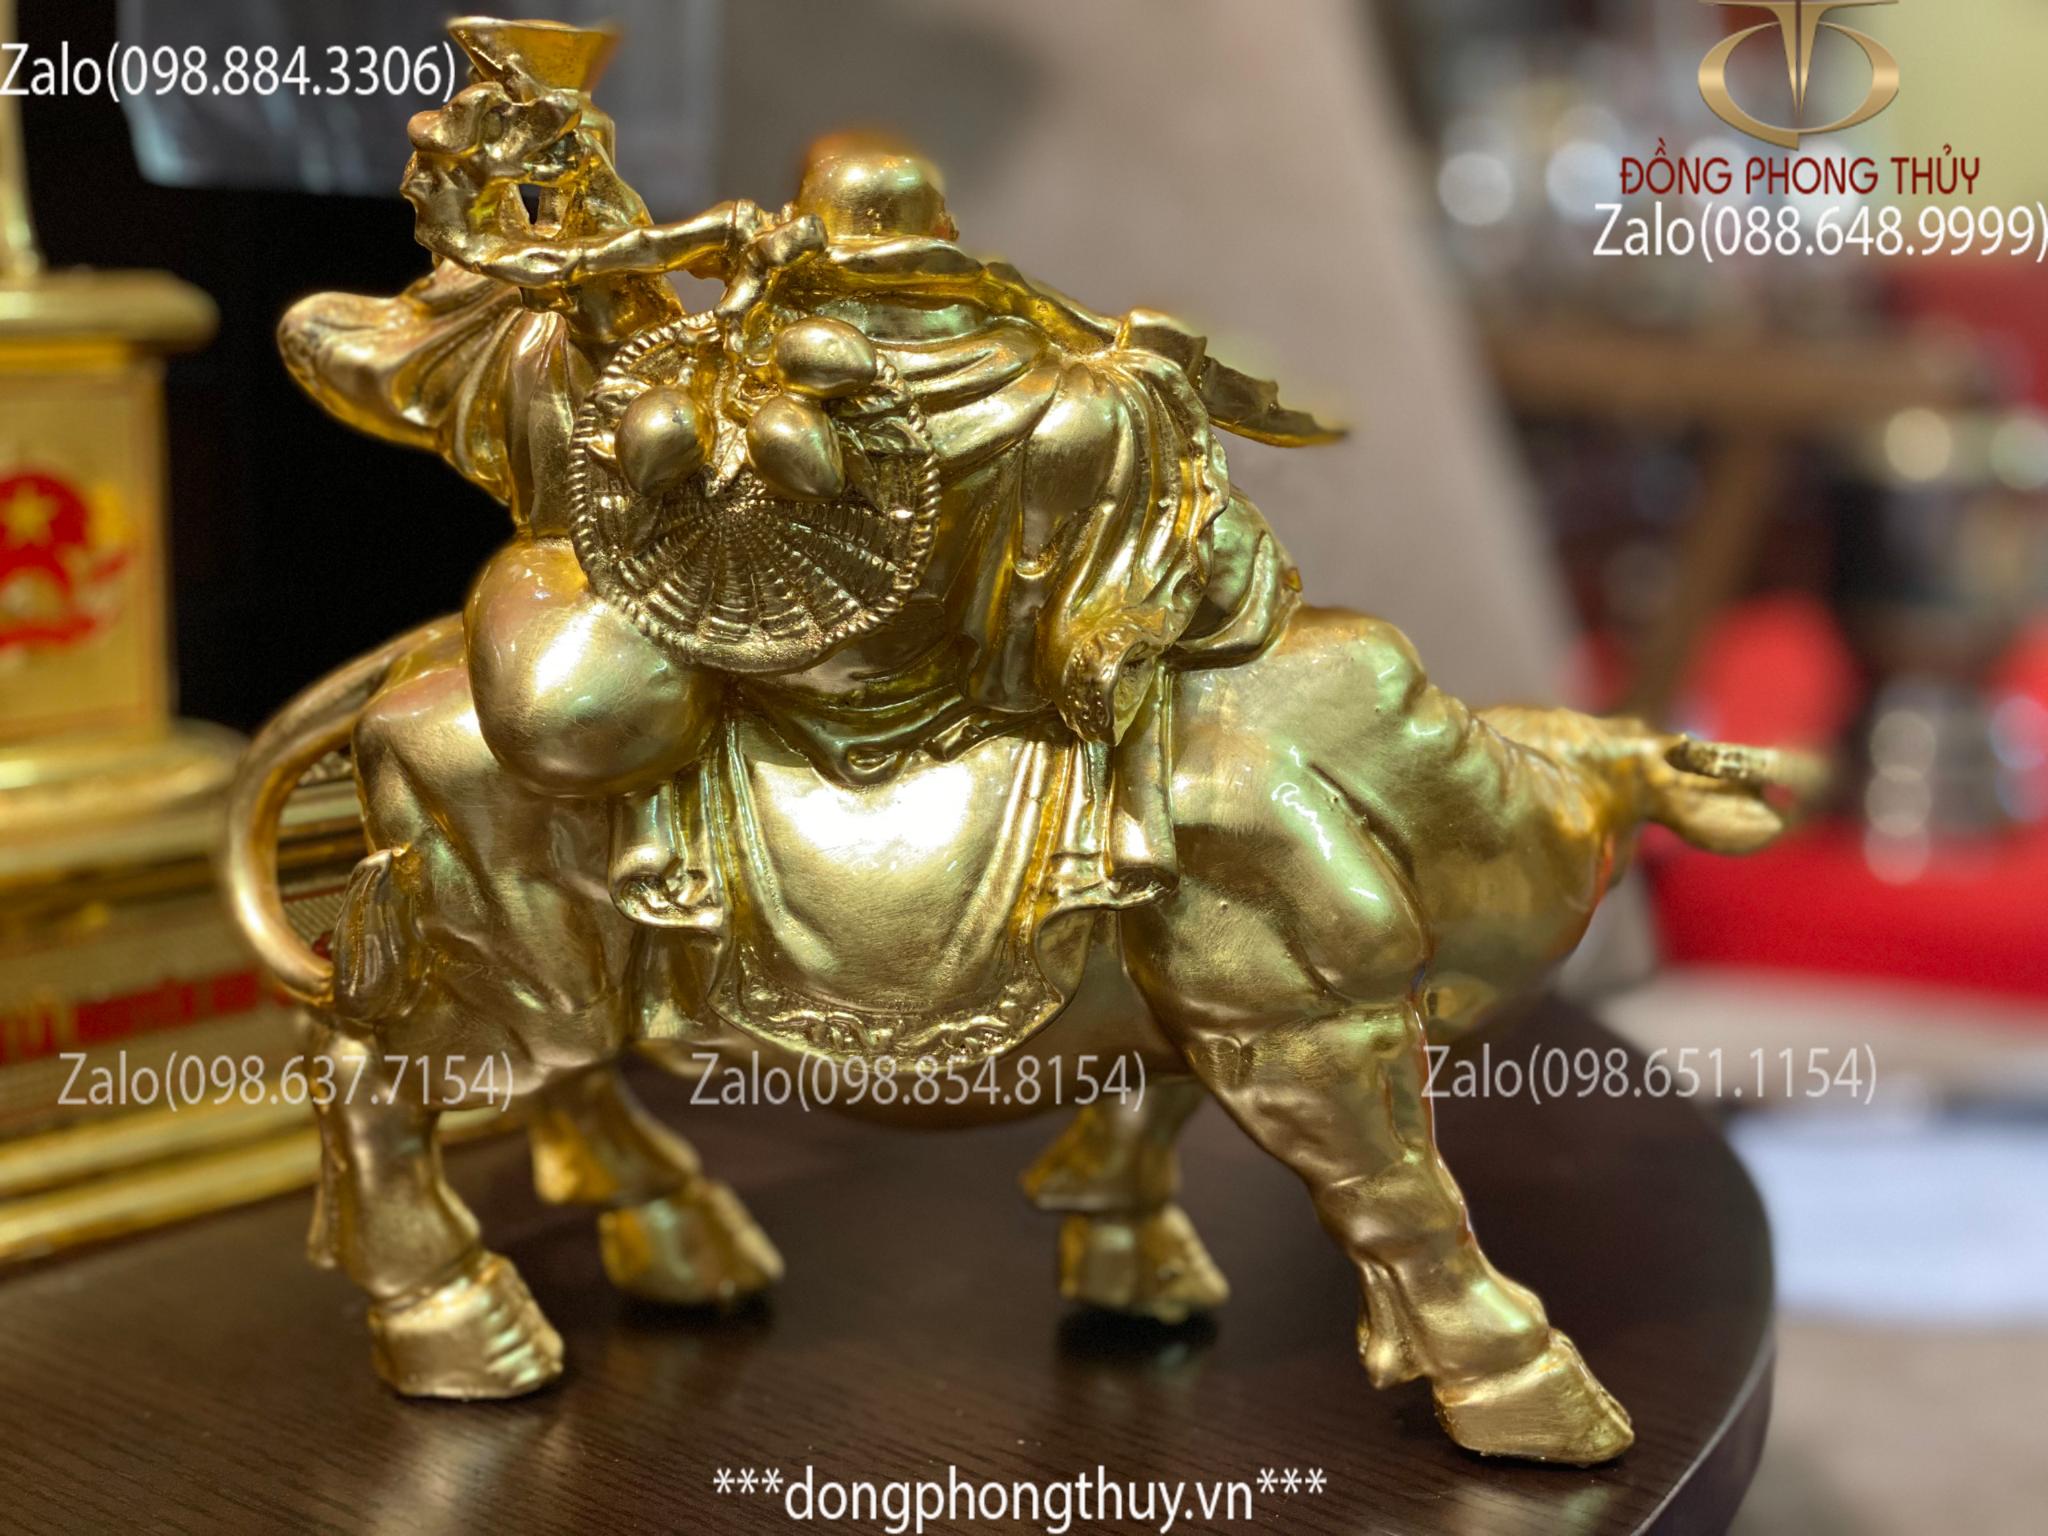 Tượng di lặc cưỡi trâu bằng đồng thếp vàng 24k